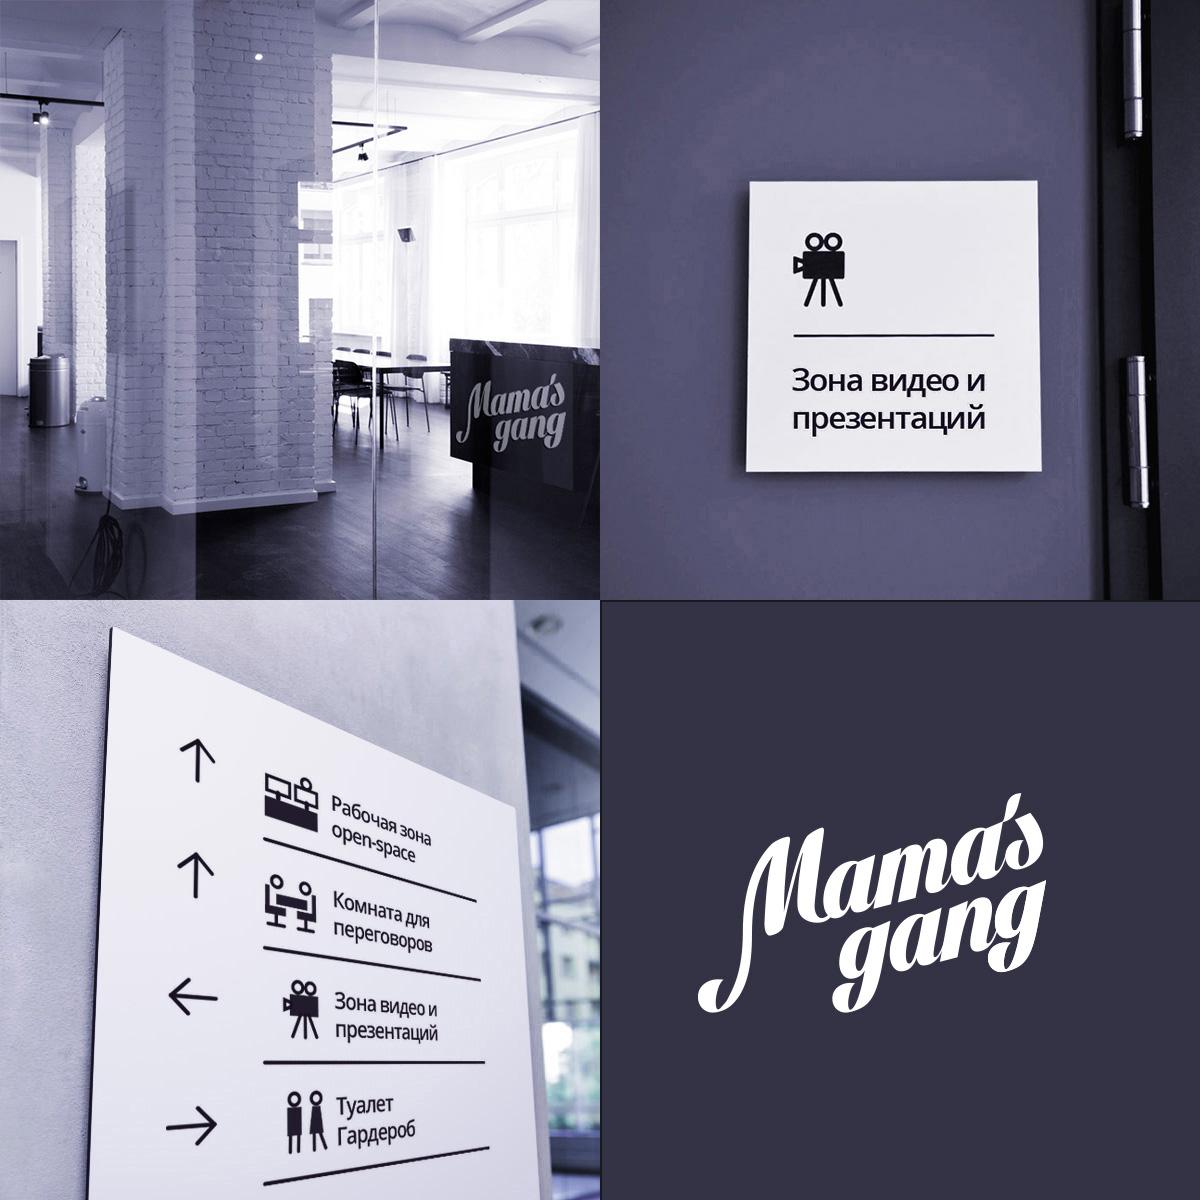 разработка бренда коворкинг пространства